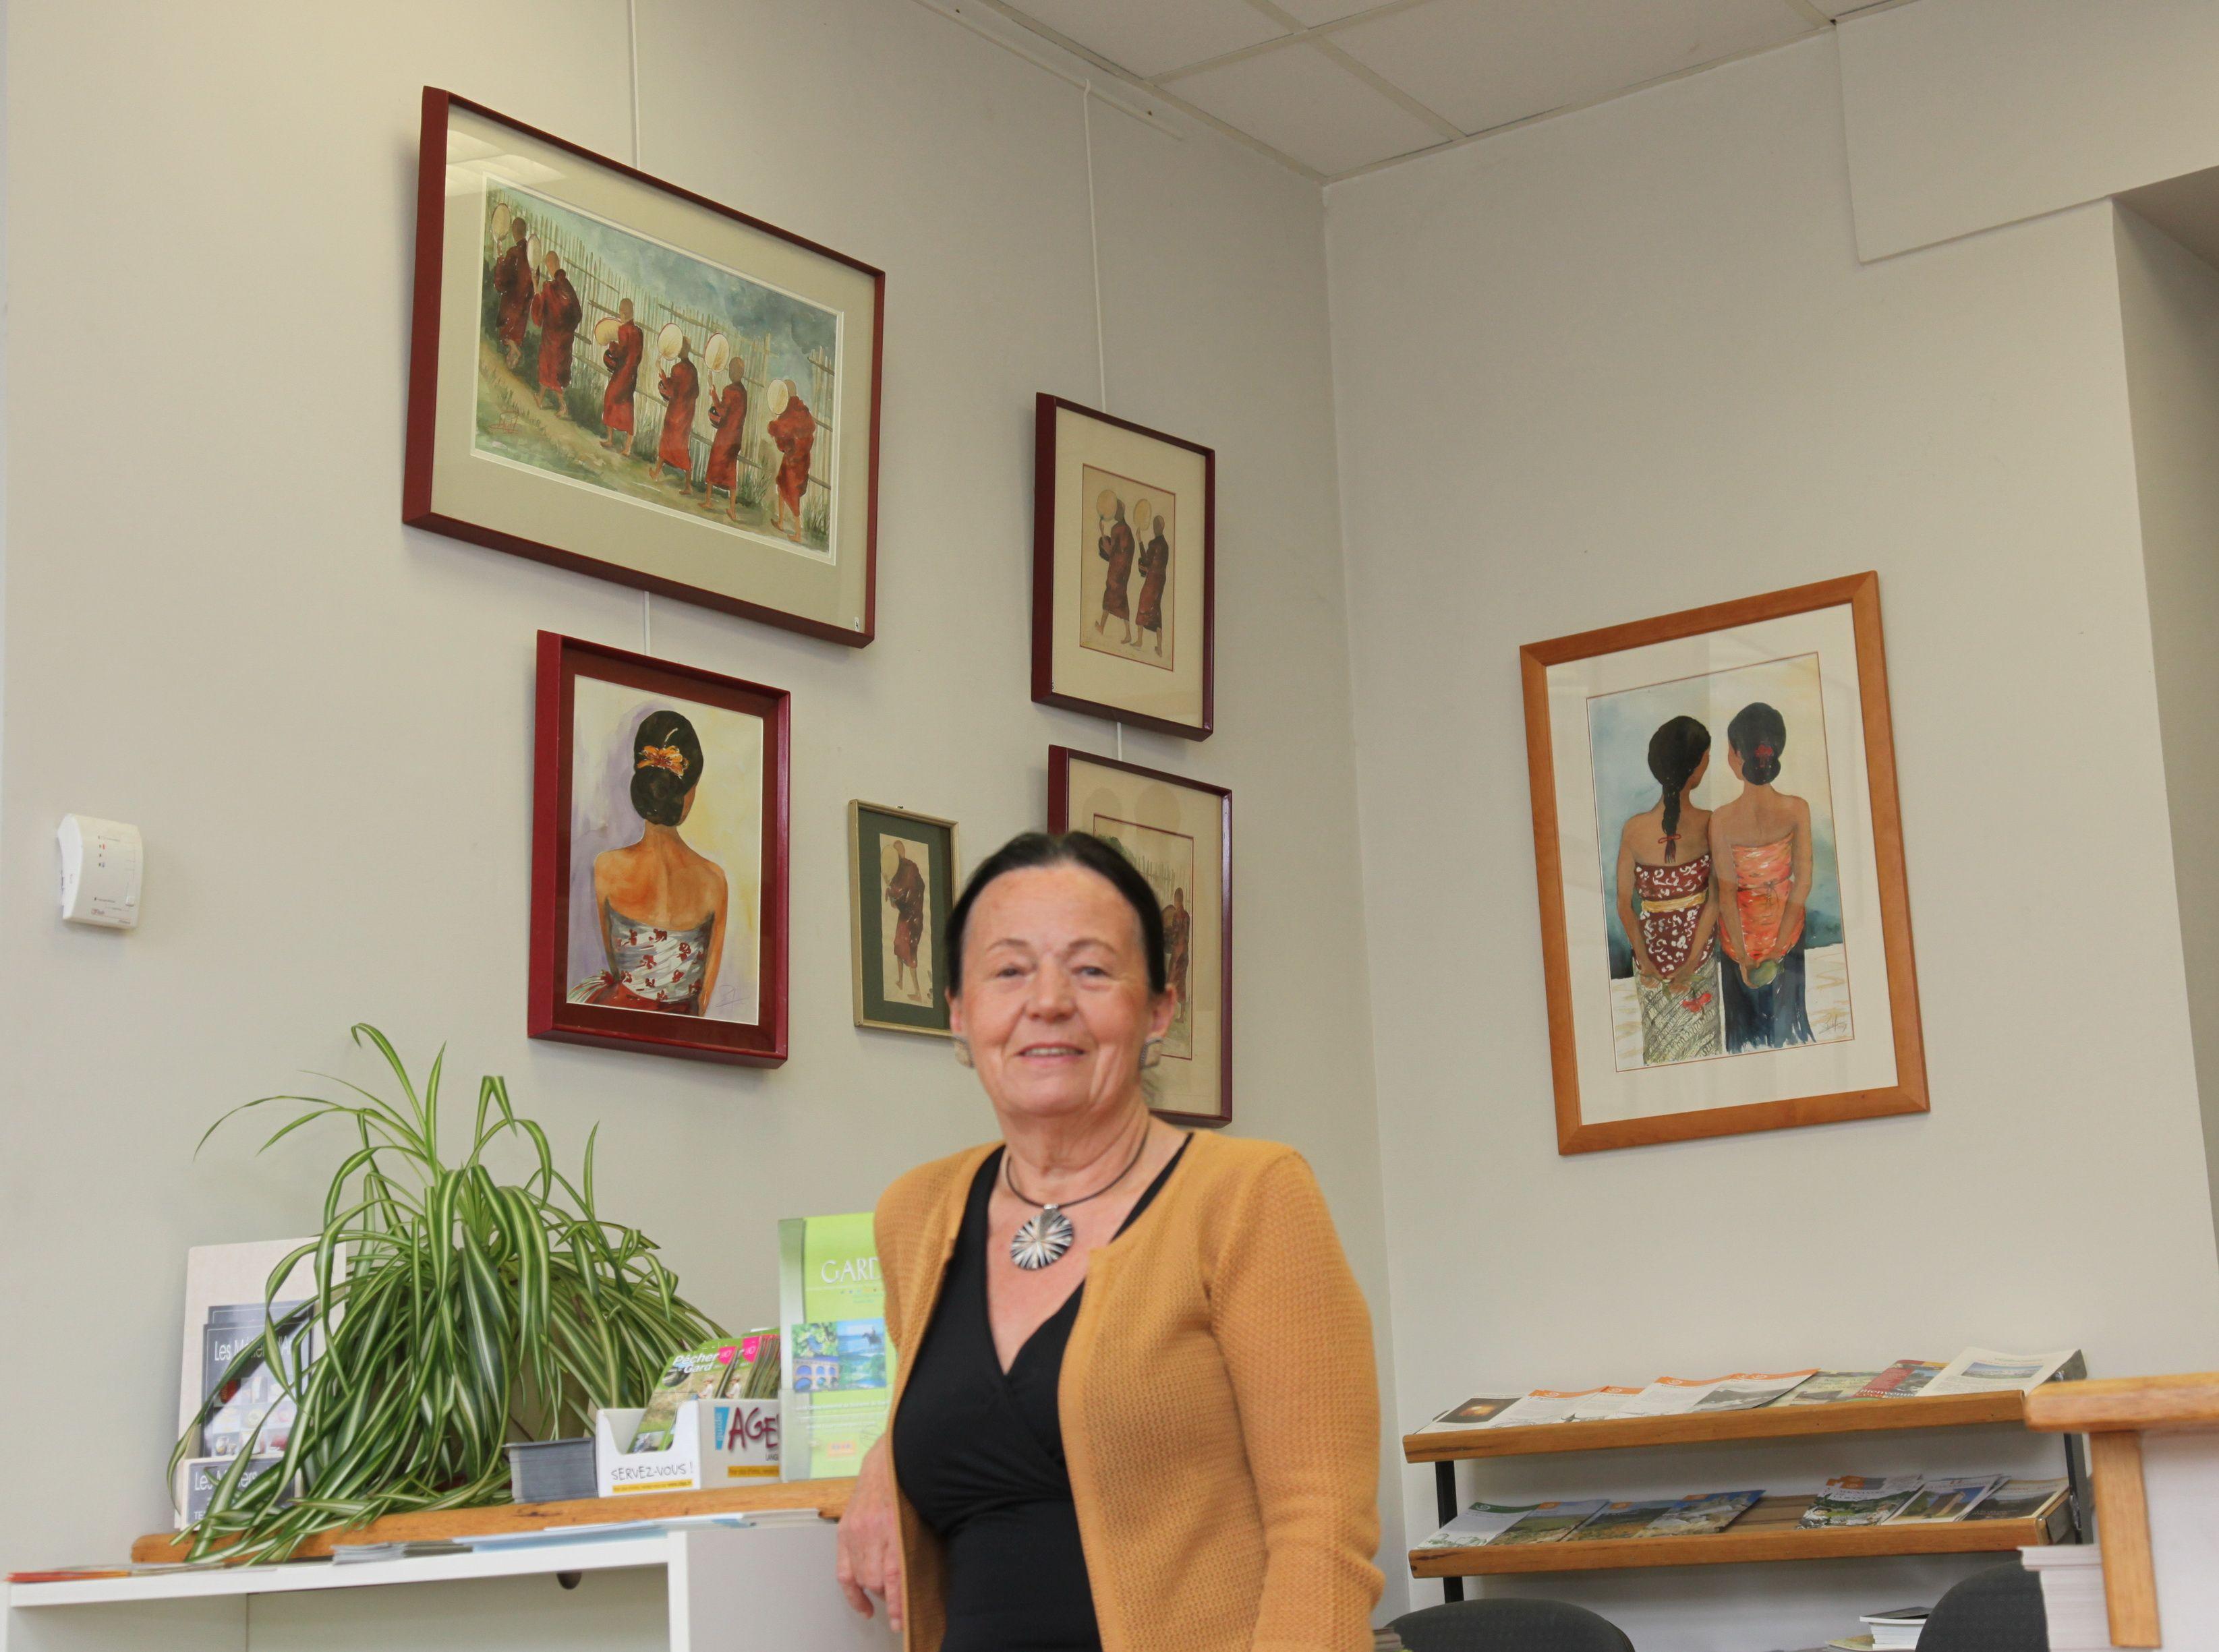 Chantal perdrizet expose l office de tourisme - Saint jean du gard office de tourisme ...